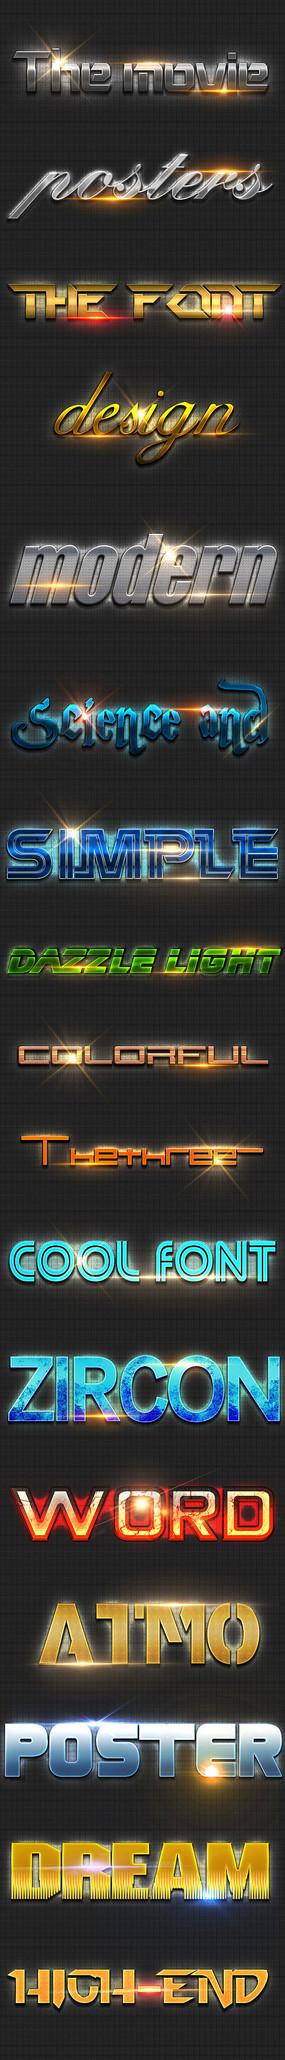 ps金属质感字体样式设计